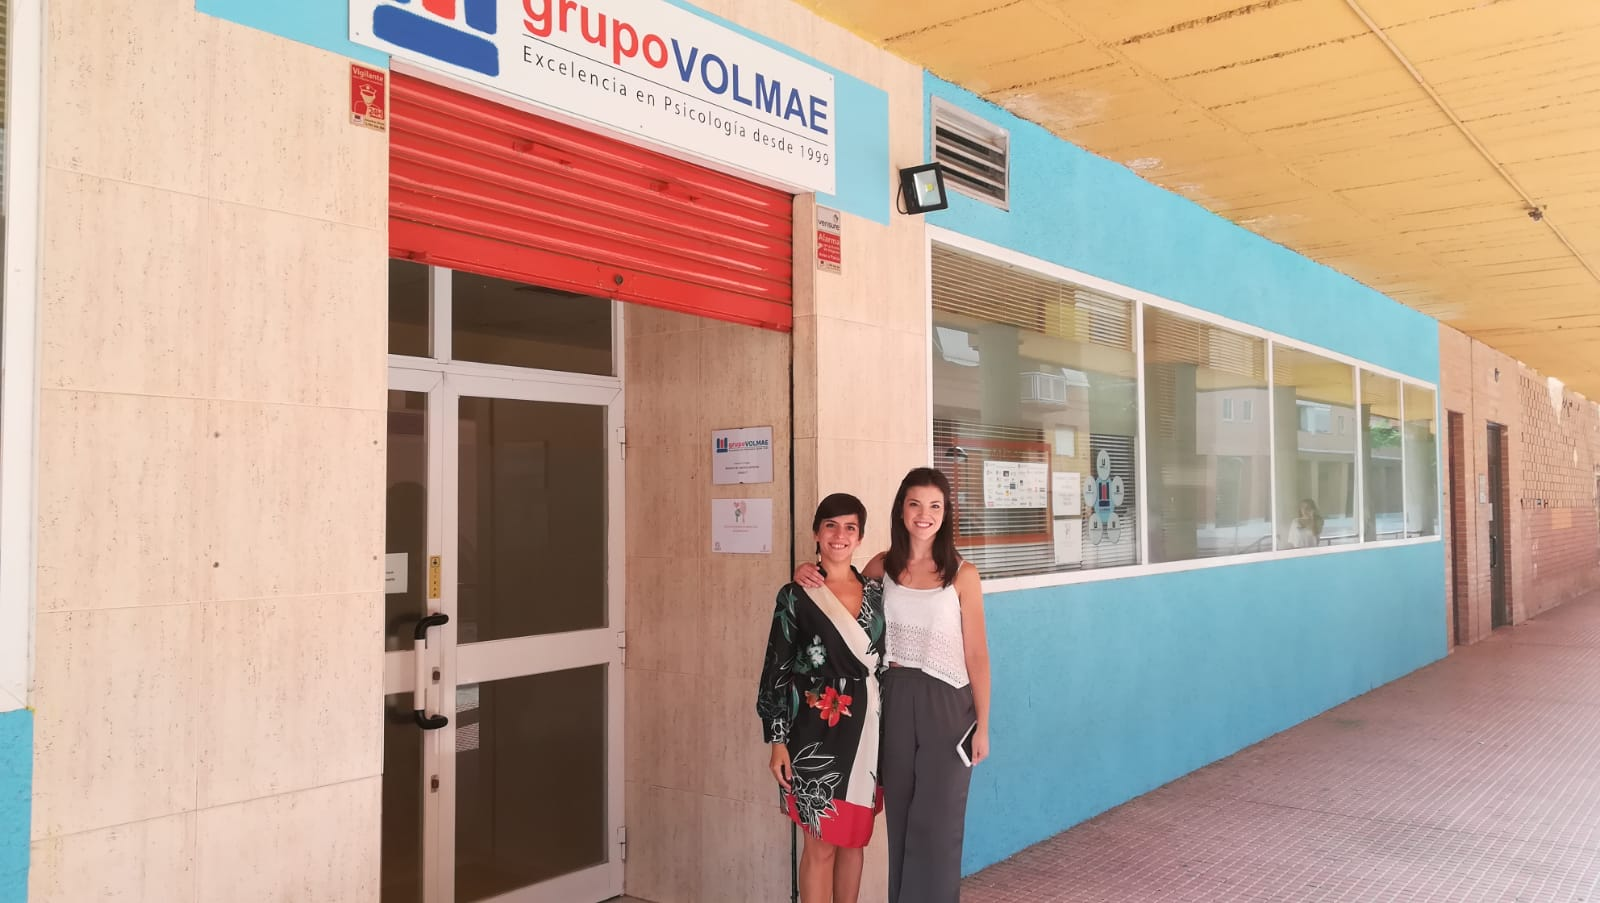 grupoVOLMAE - Guadalajara - Psicólogos 10